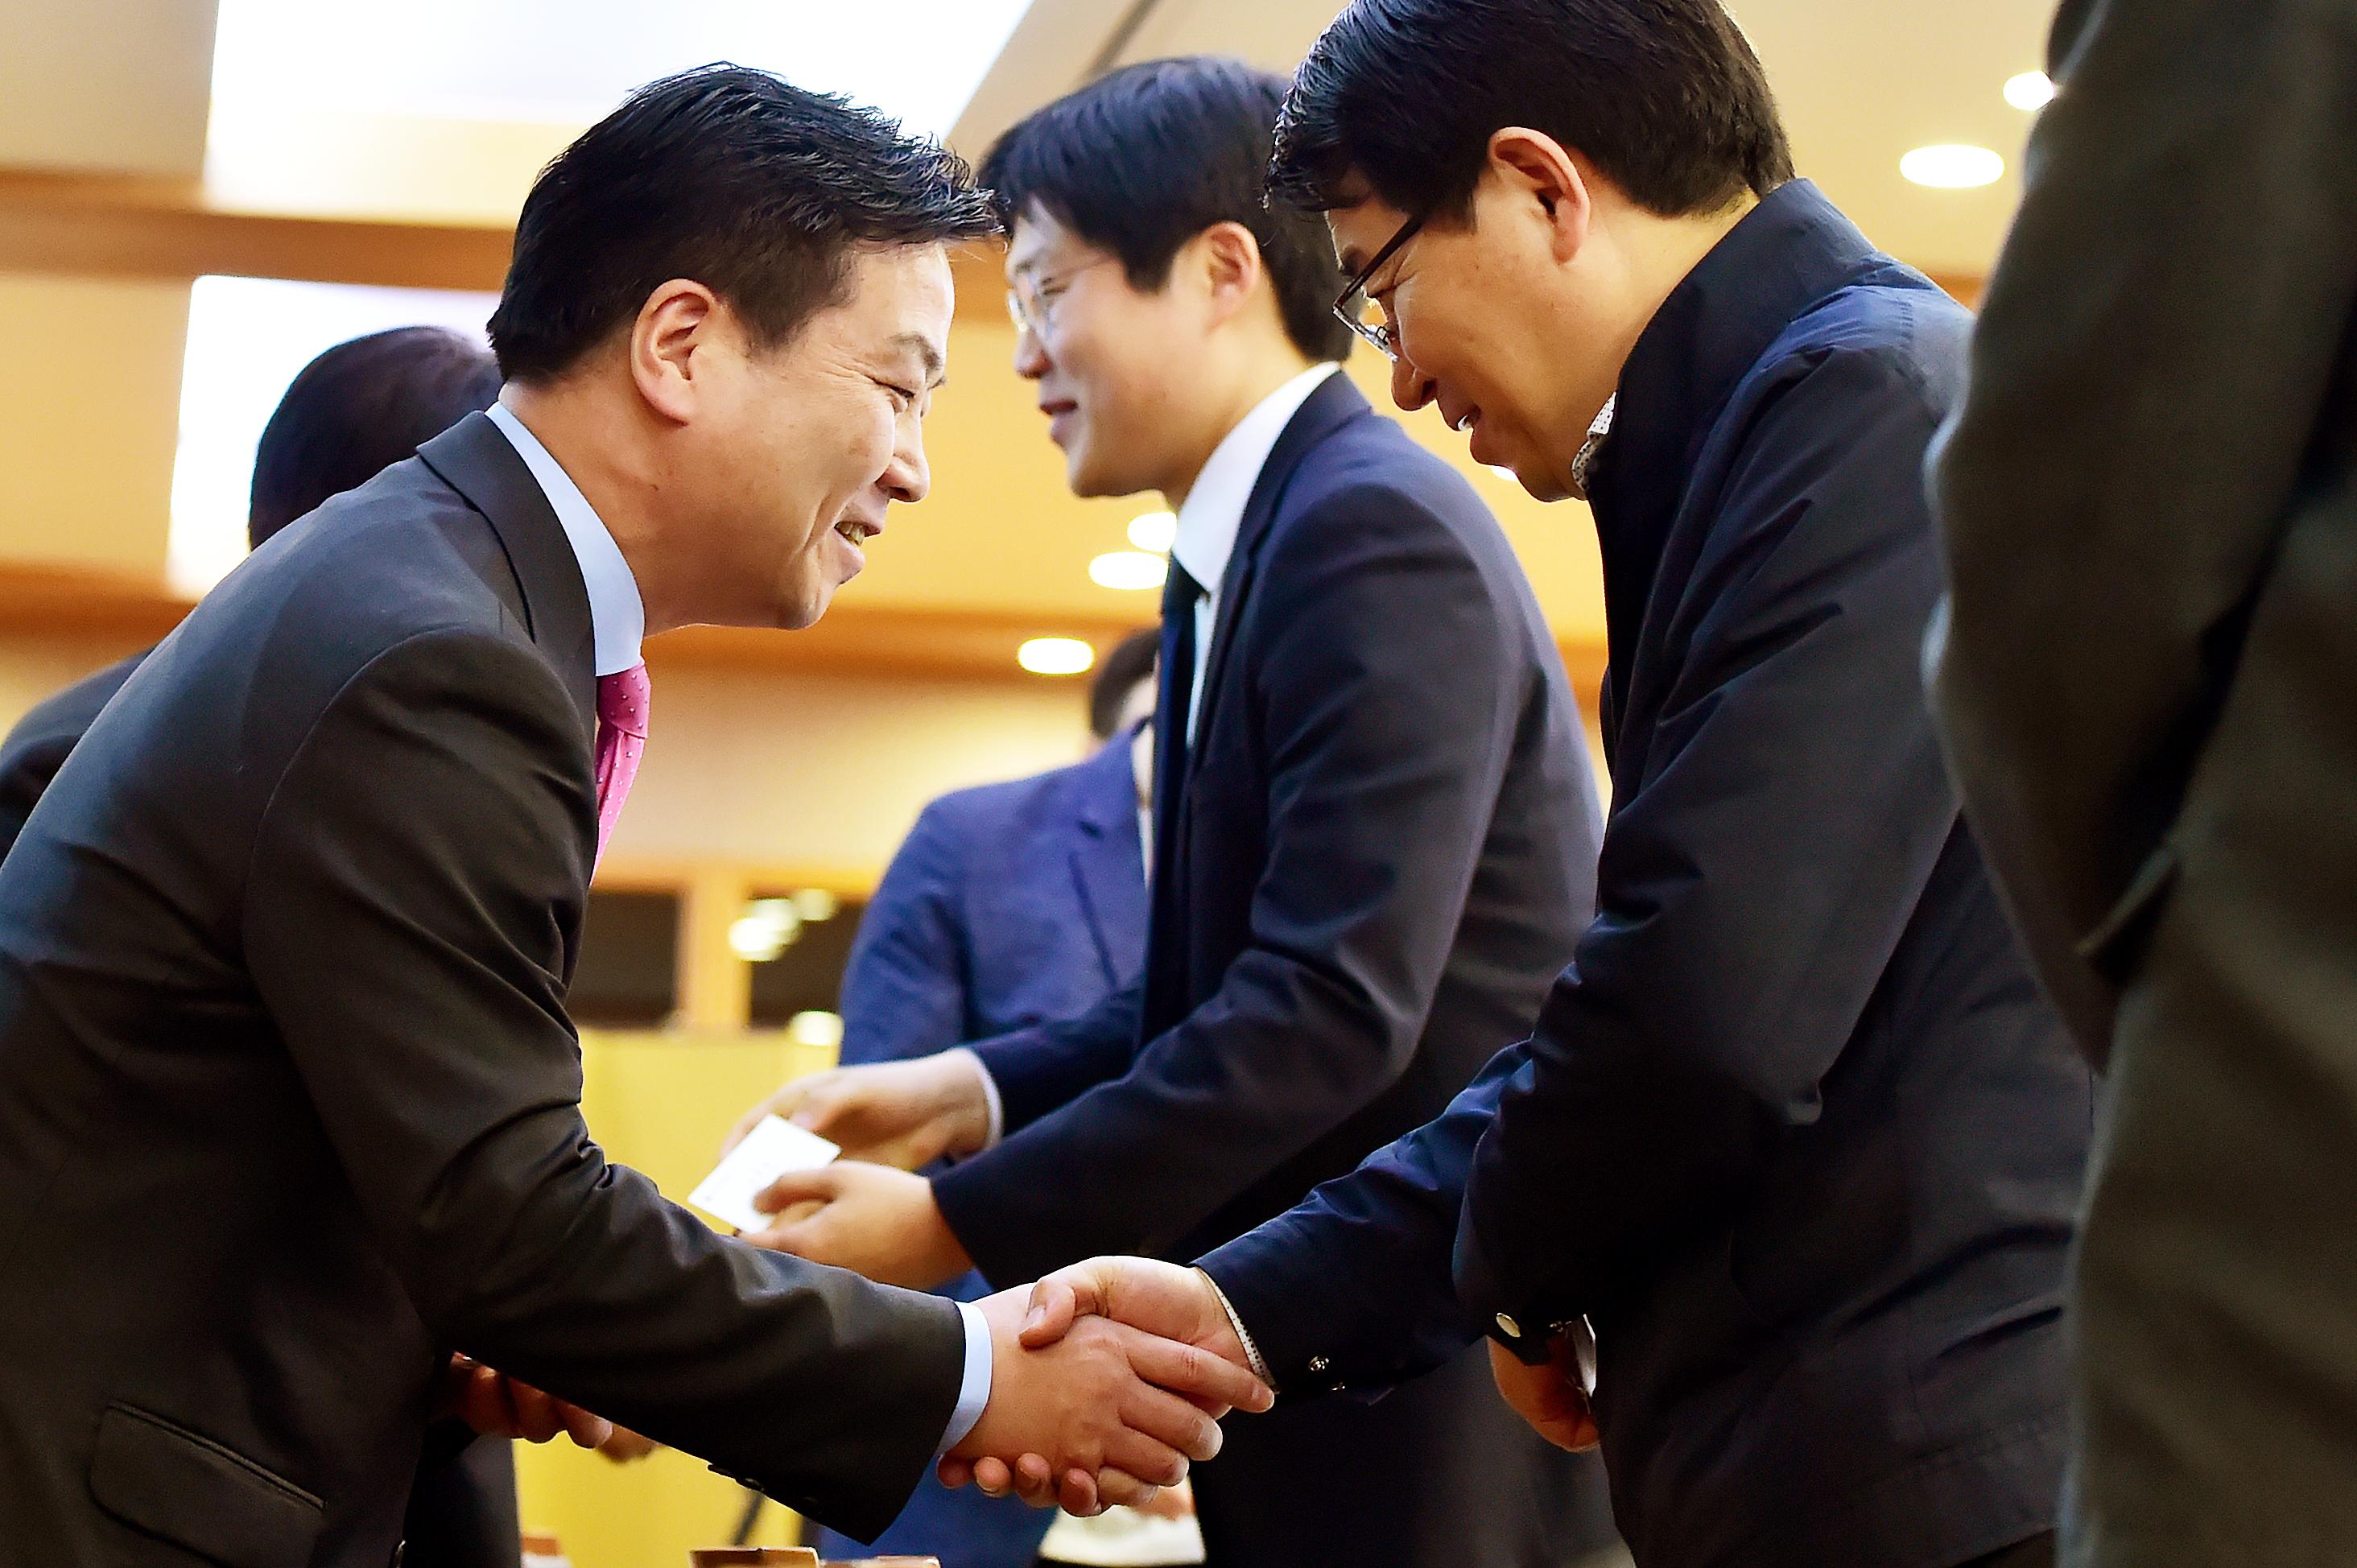 벤처-스타트업 만난 홍종학 중기부 장관